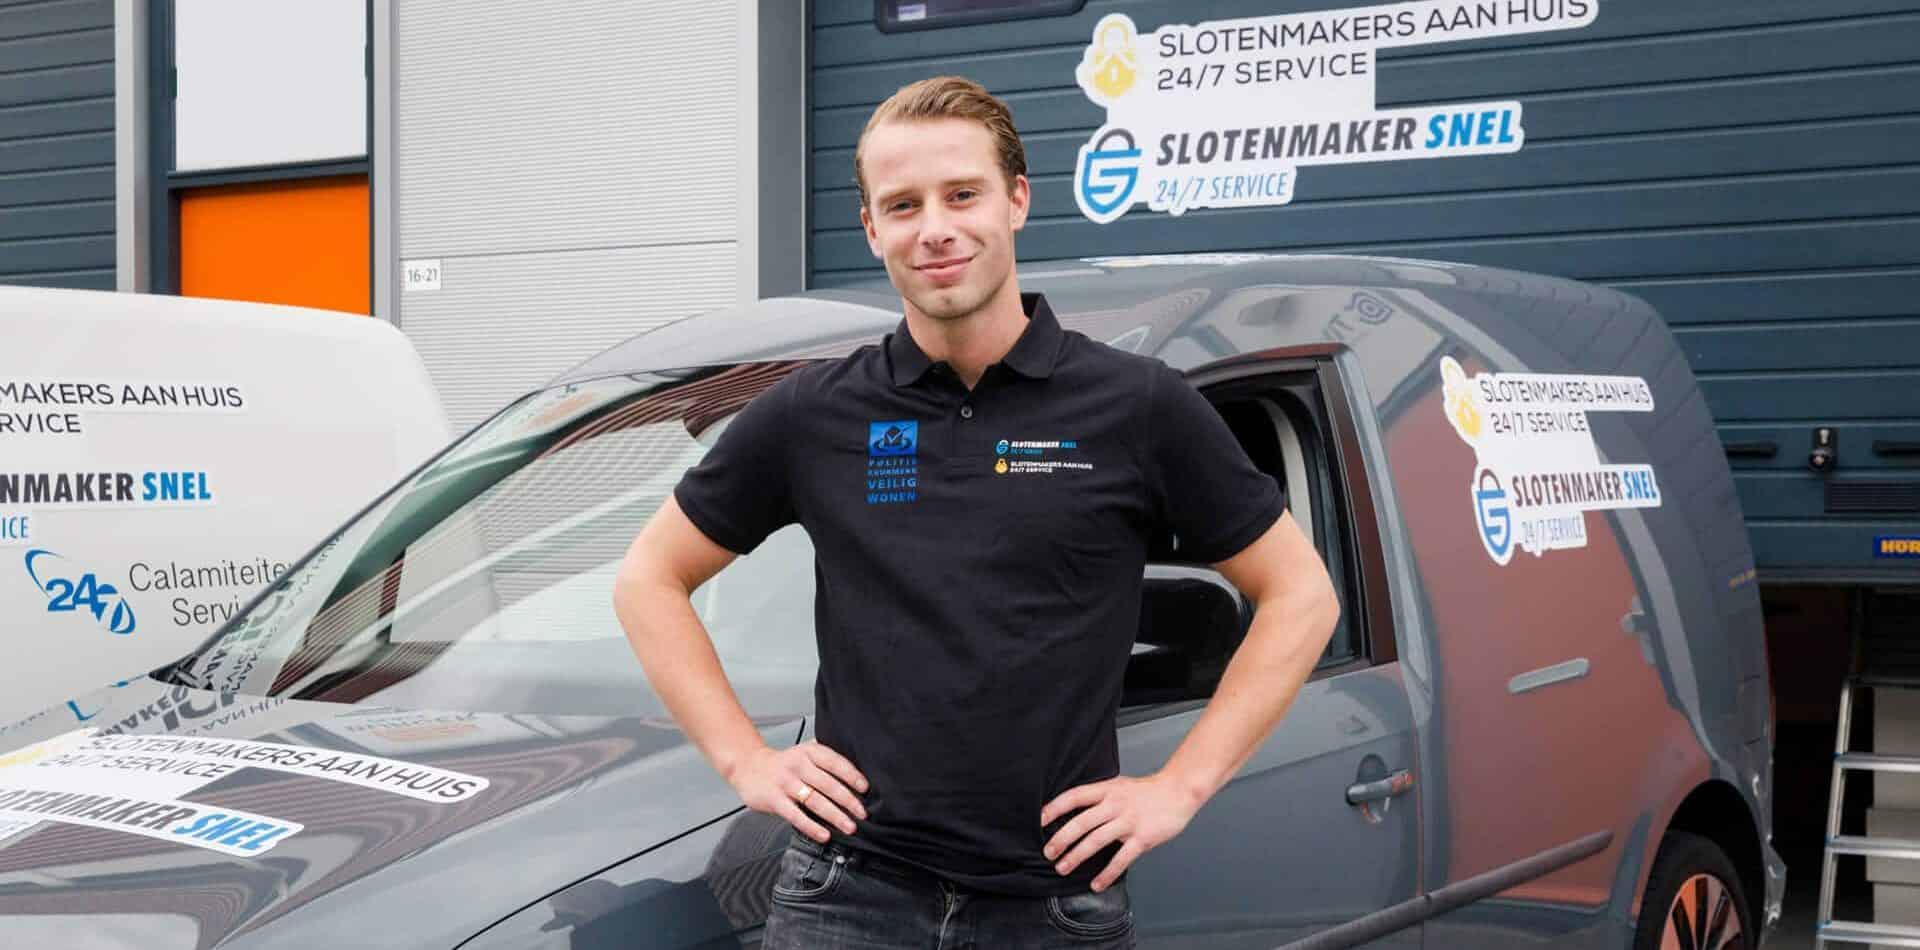 Slotenmaker Hardenberg